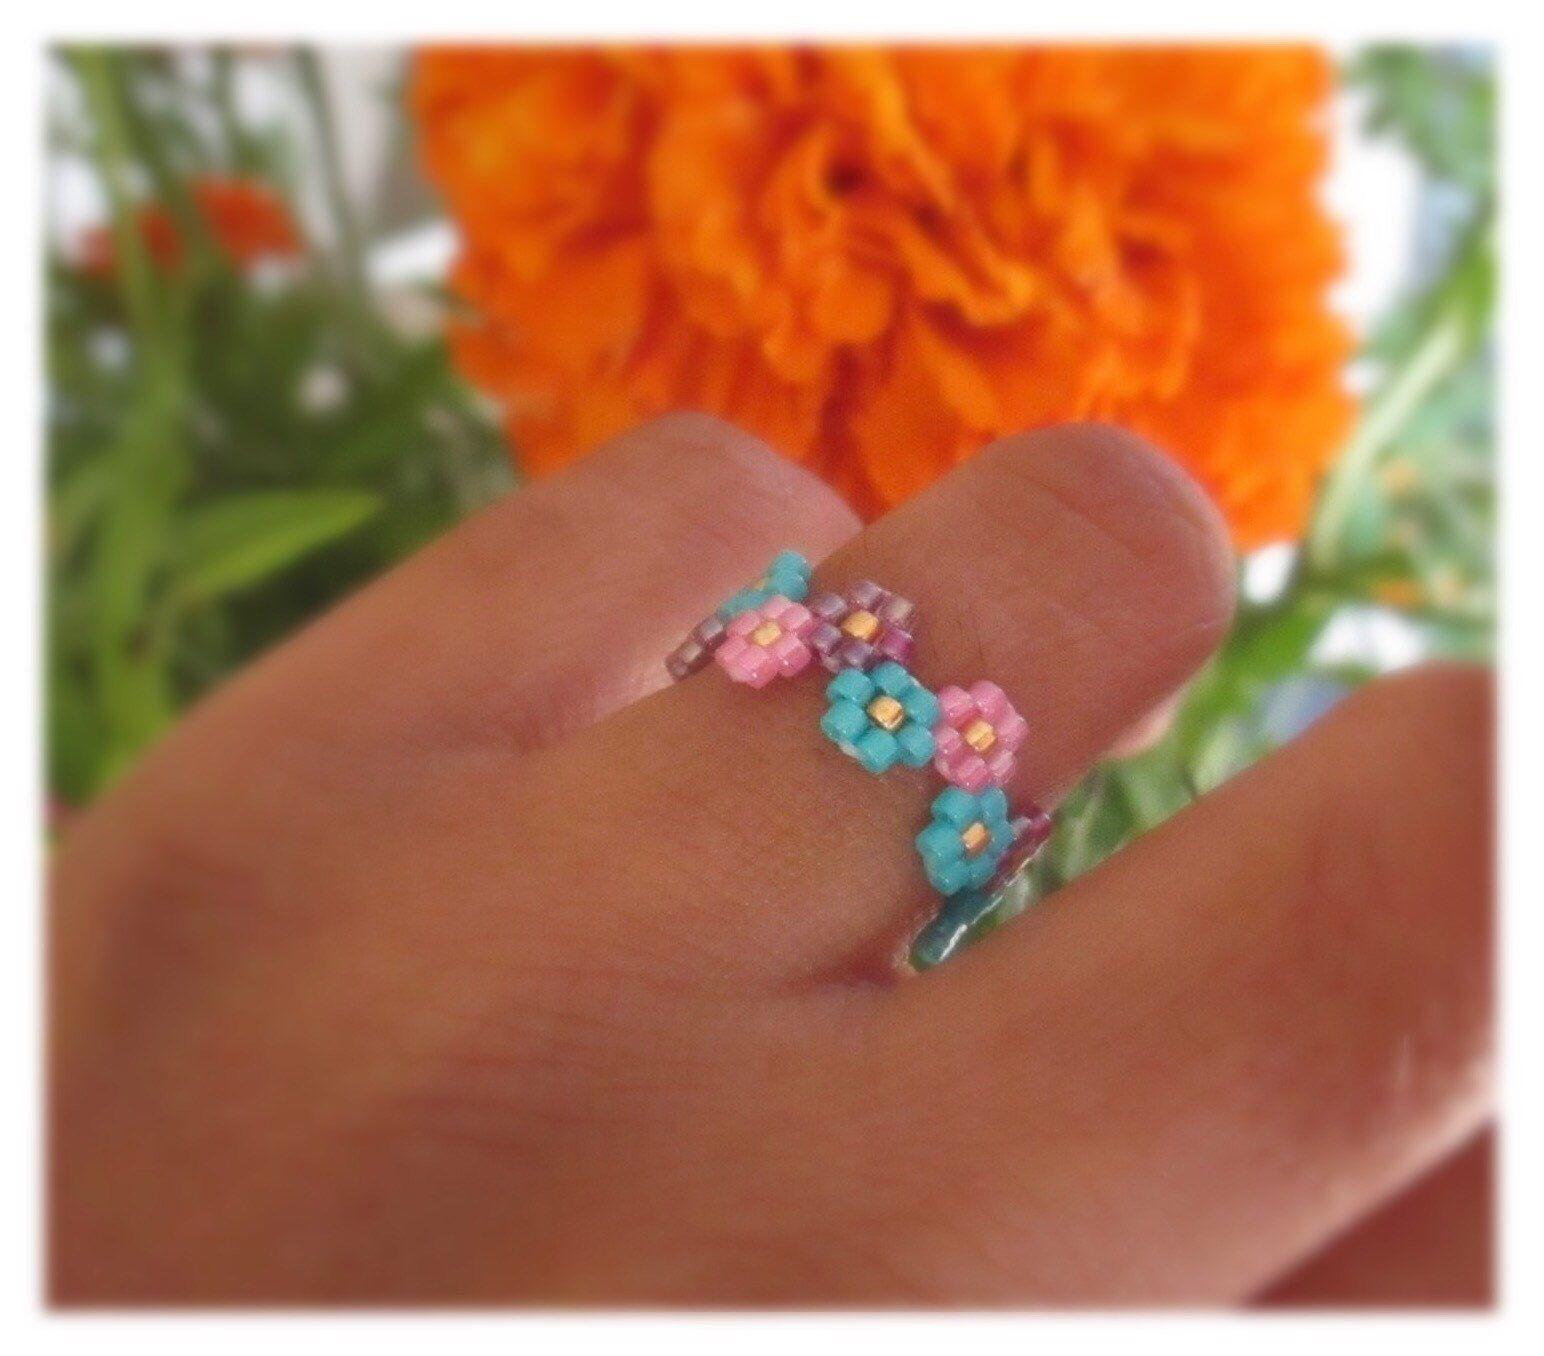 Beaded Ring Handmade Ring Miyuki Ring Handcrafted Ring Etsy Beaded Bracelets Diy Miyuki Ring Beaded Jewelry Patterns